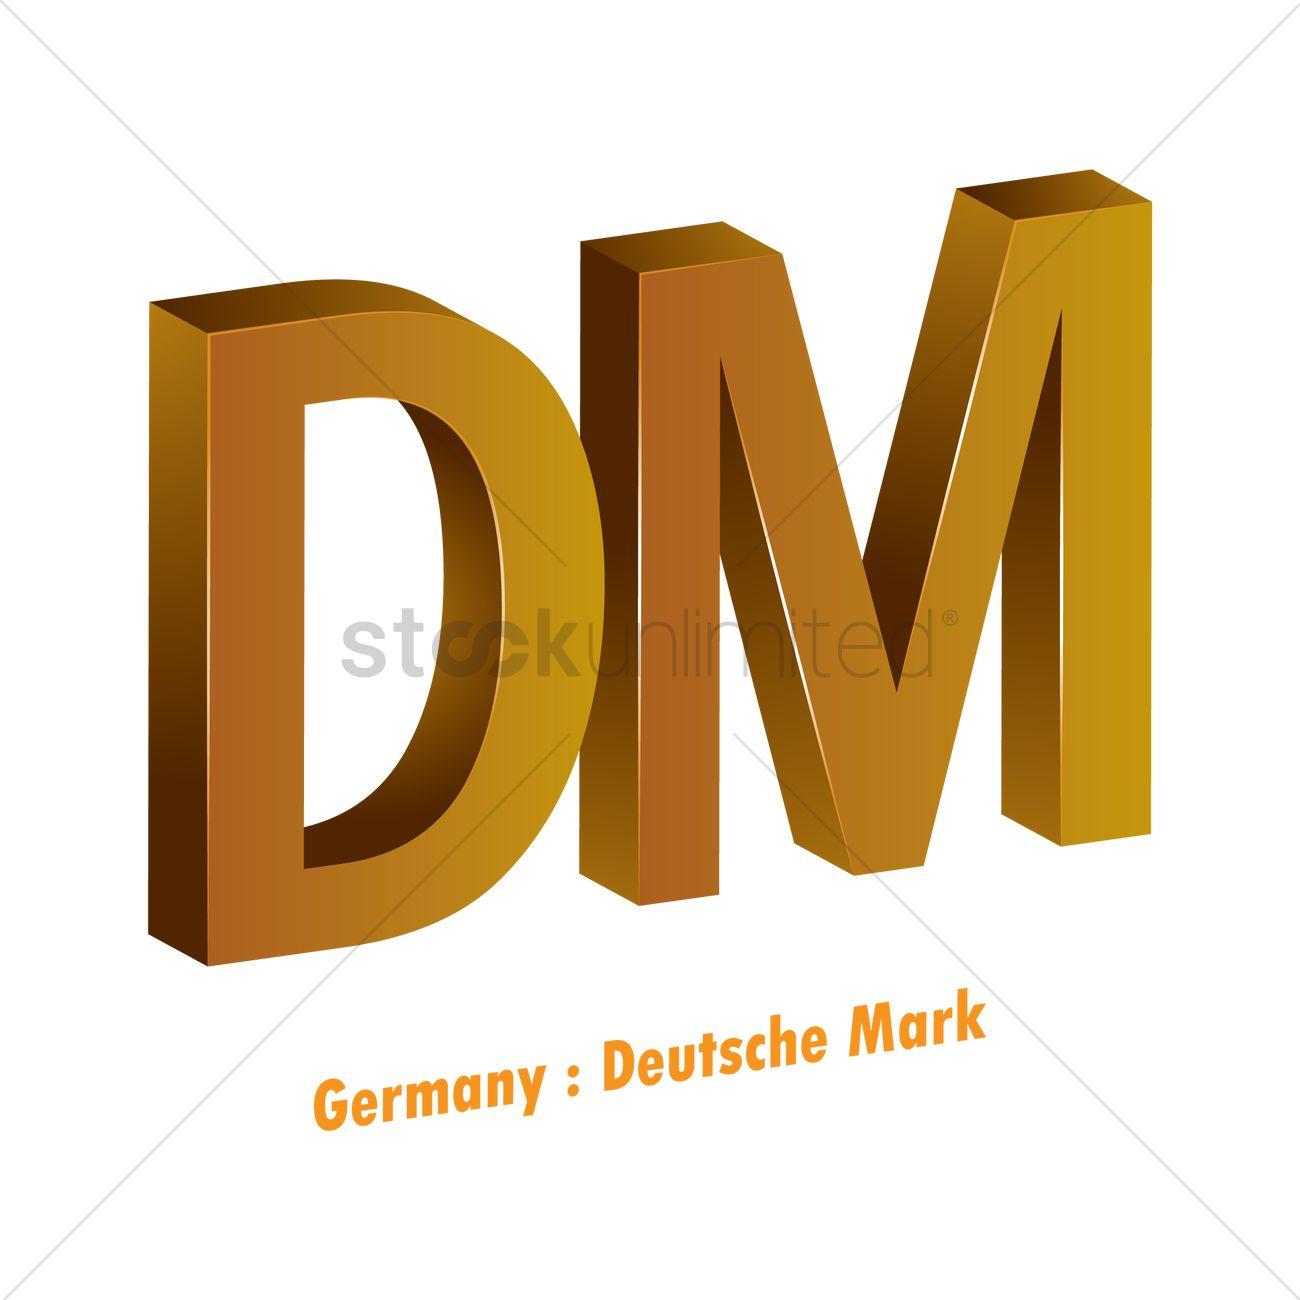 Deutsche mark currency symbol Vector Image.